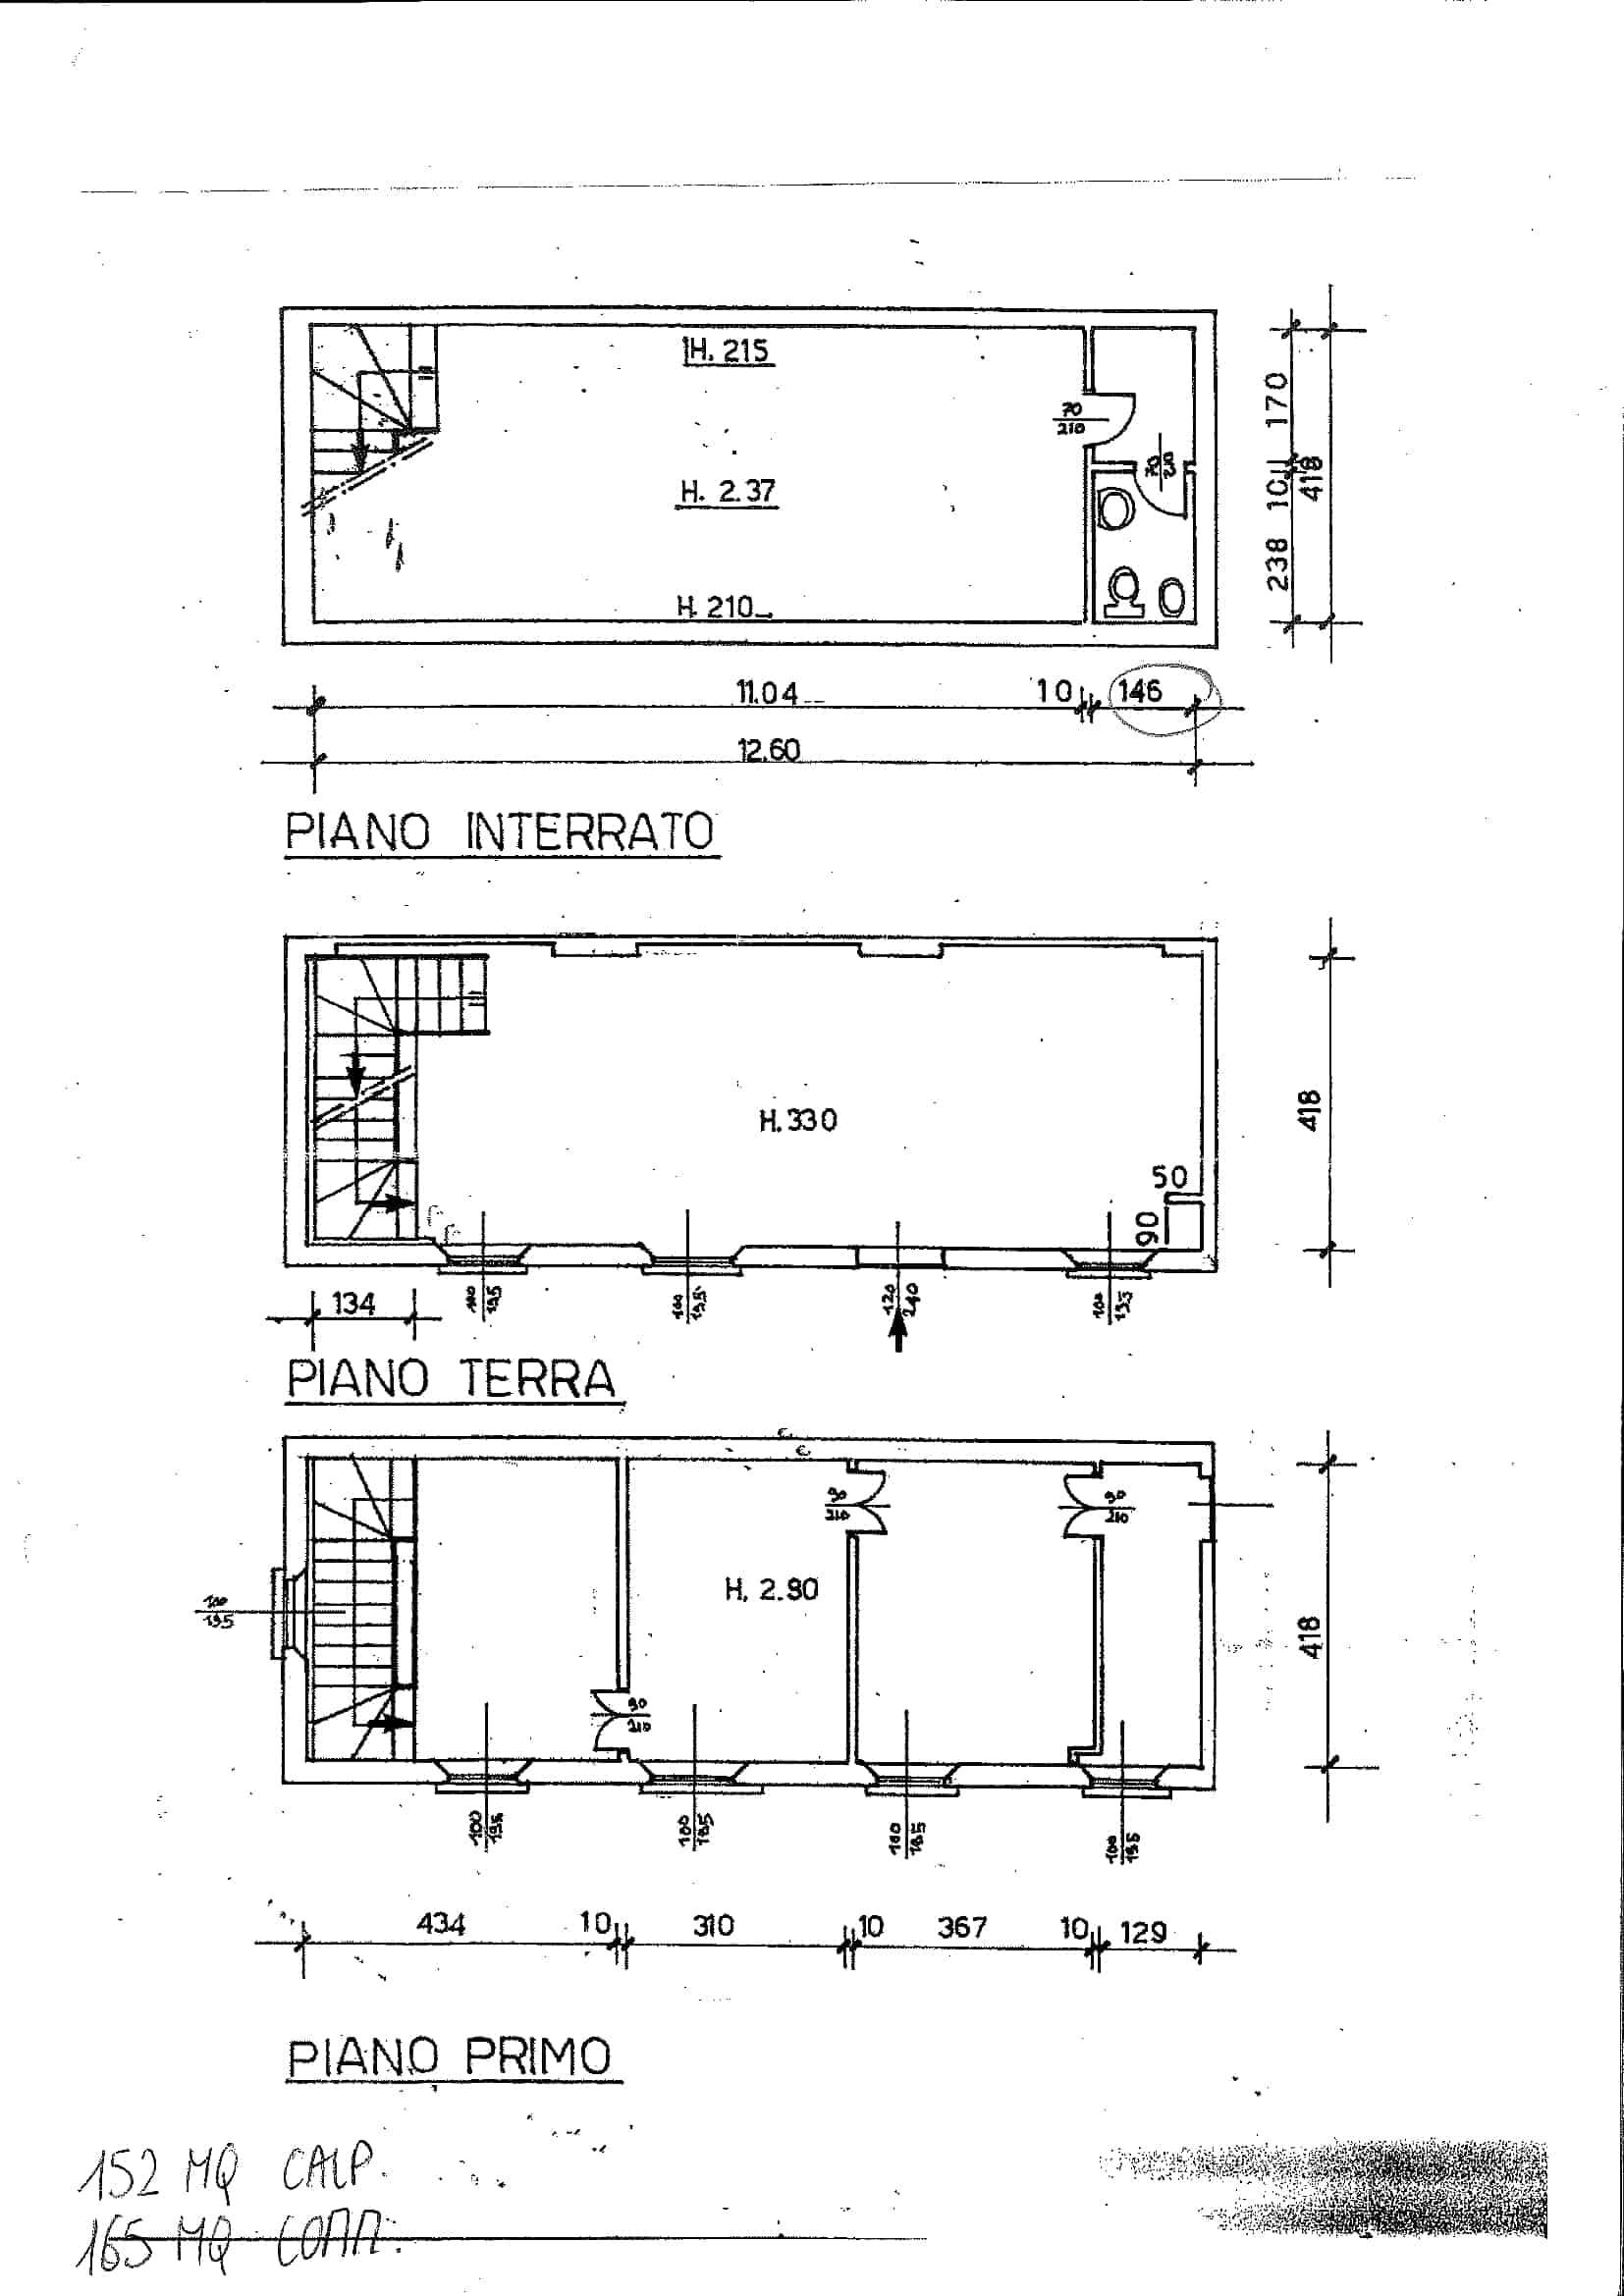 PLANIMETRIA VIGEVANO 41-1